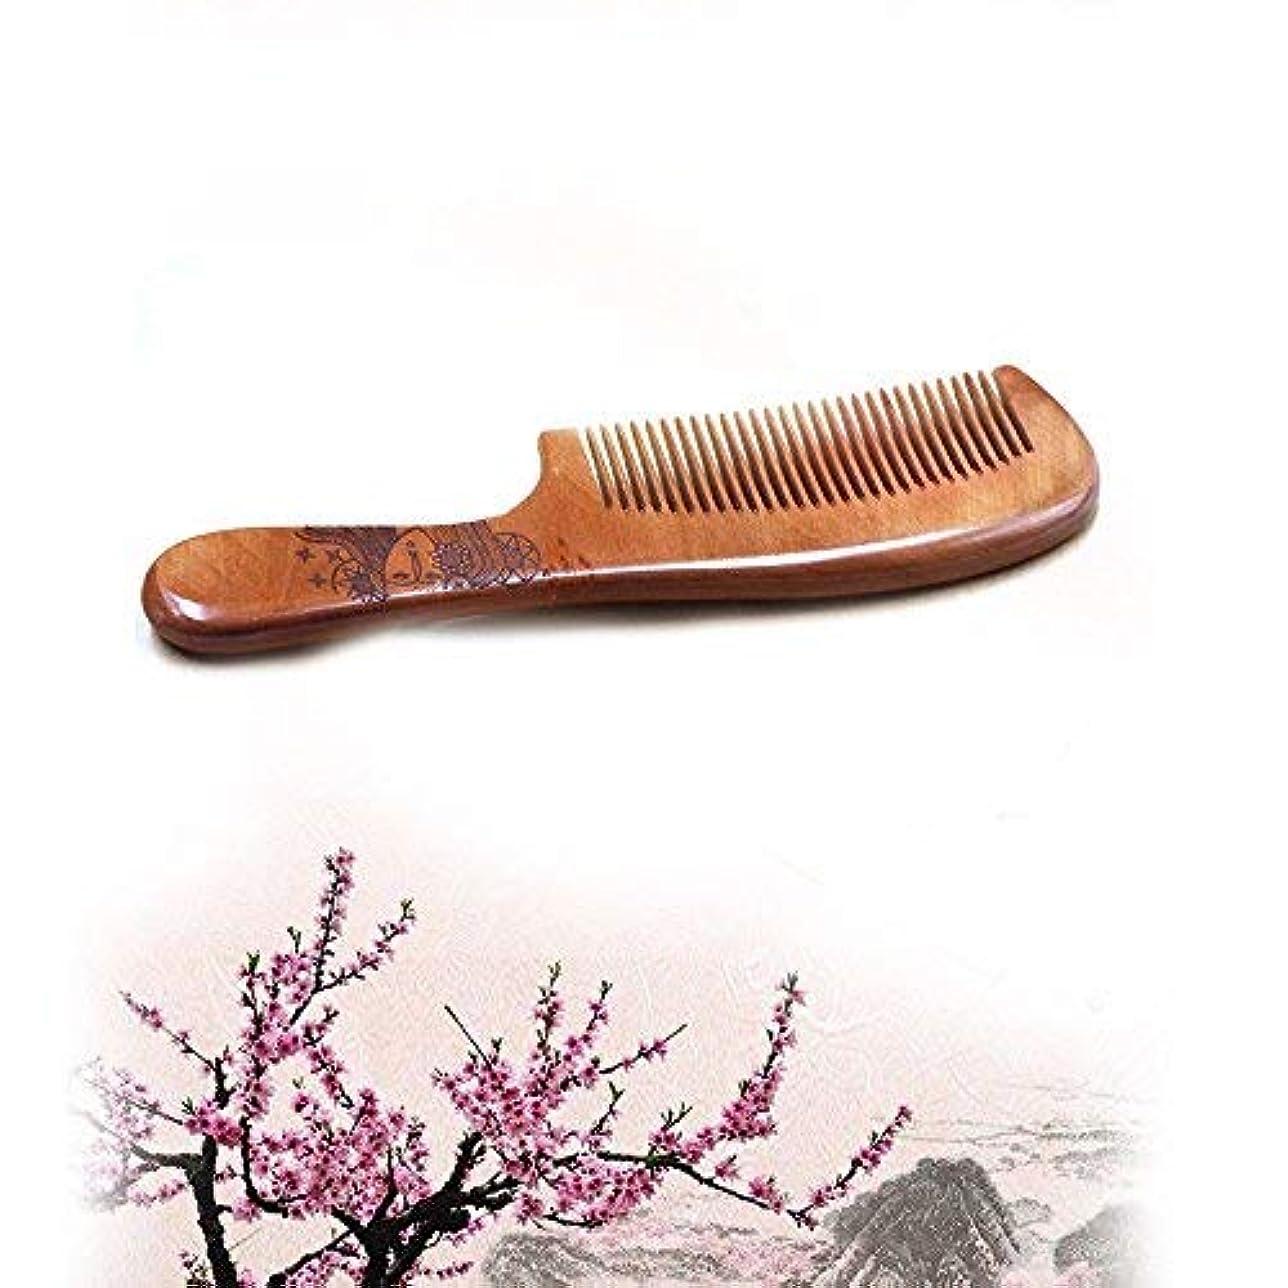 切り下げ名前を作る何かUniversal Natural Hair Comb,Victory Detangling Wooden Combs No Static Peach Wood for Men,Women and Kids (long) [並行輸入品]